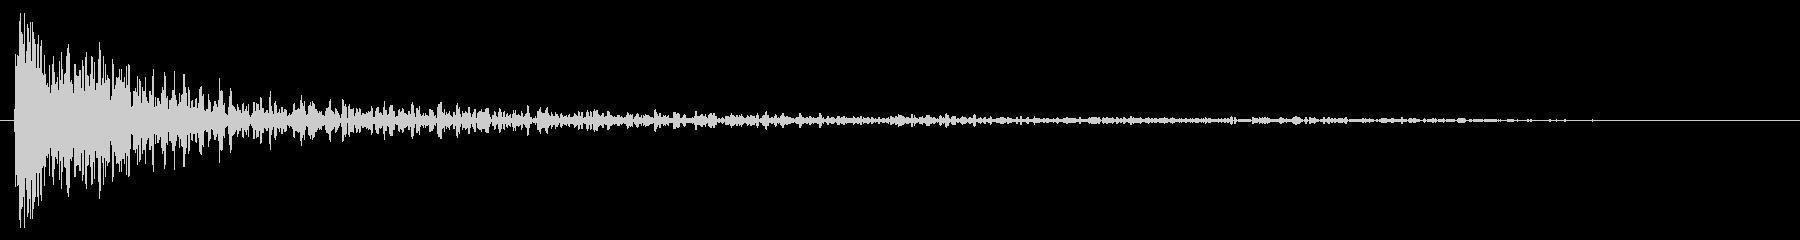 オイルドラムヒットインパクトの未再生の波形